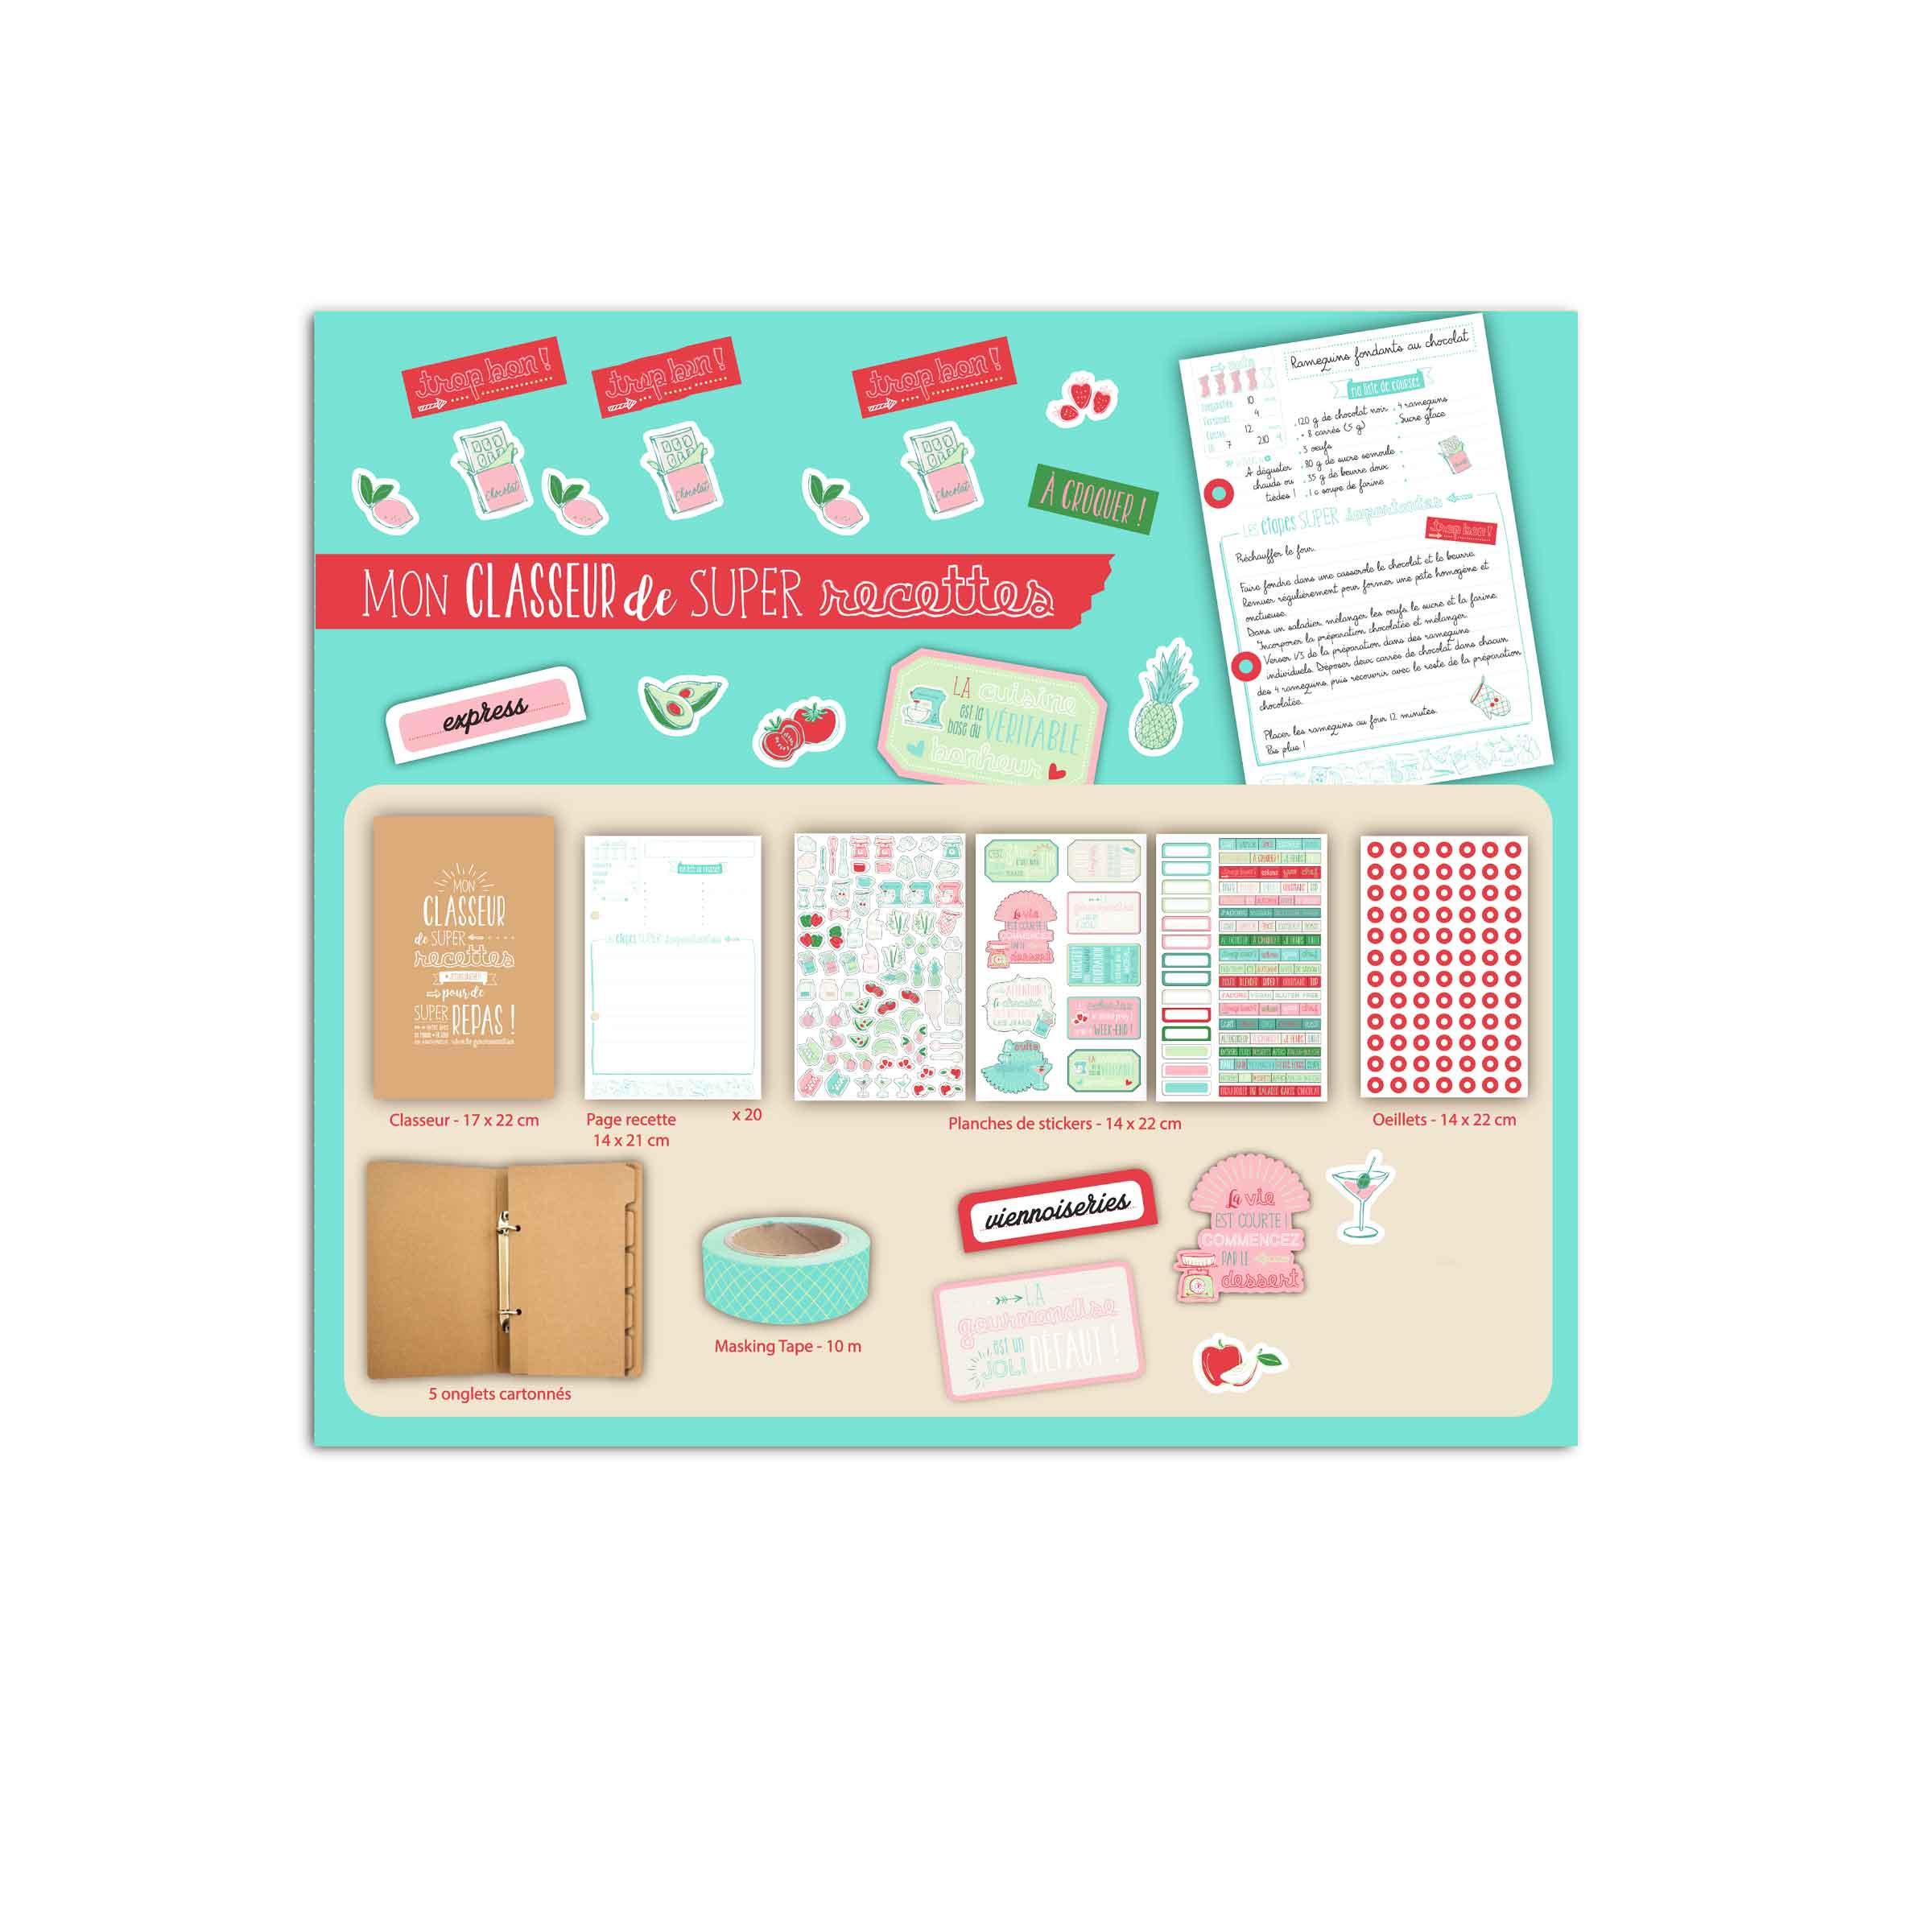 kit avec classeur et stikers pour recettes